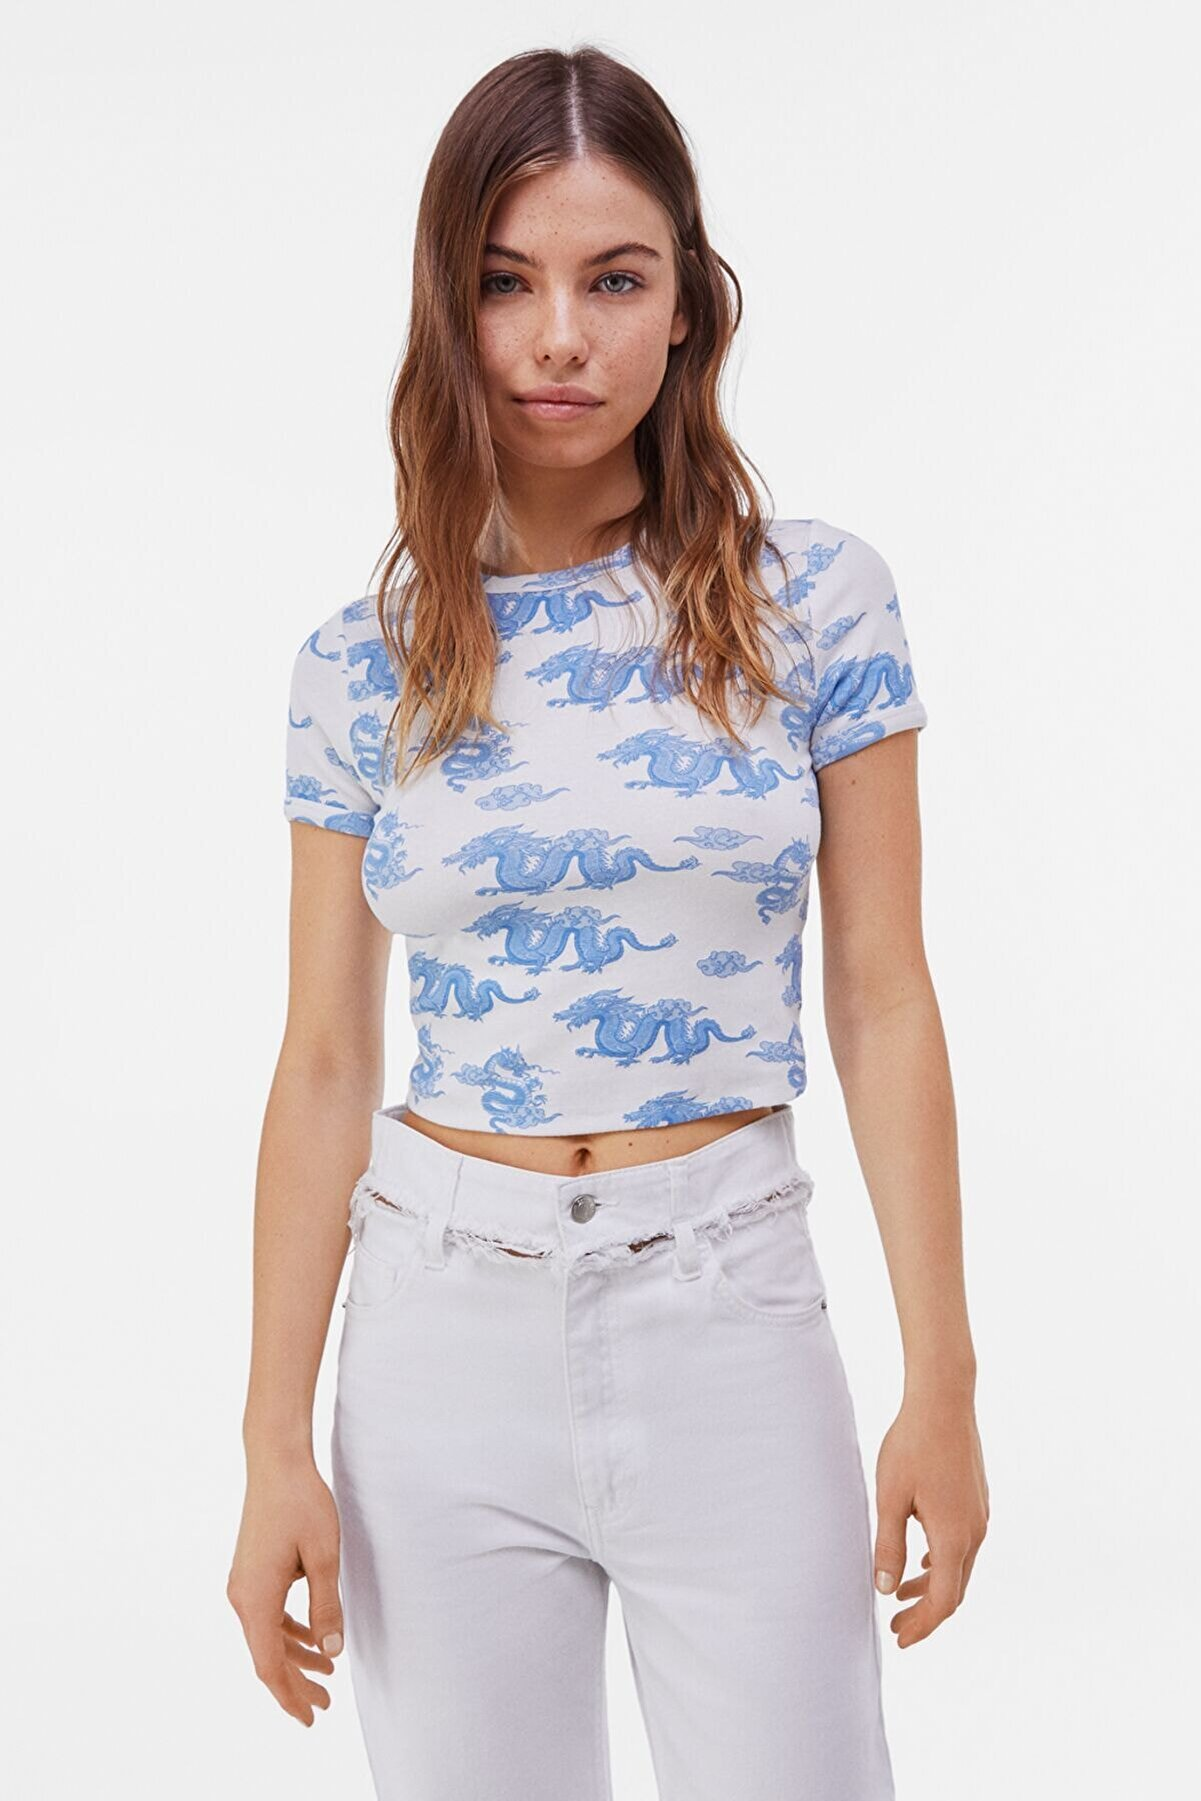 Bershka Kadın Açık Mavi Kısa Kollu Desenli T-Shirt 02198443